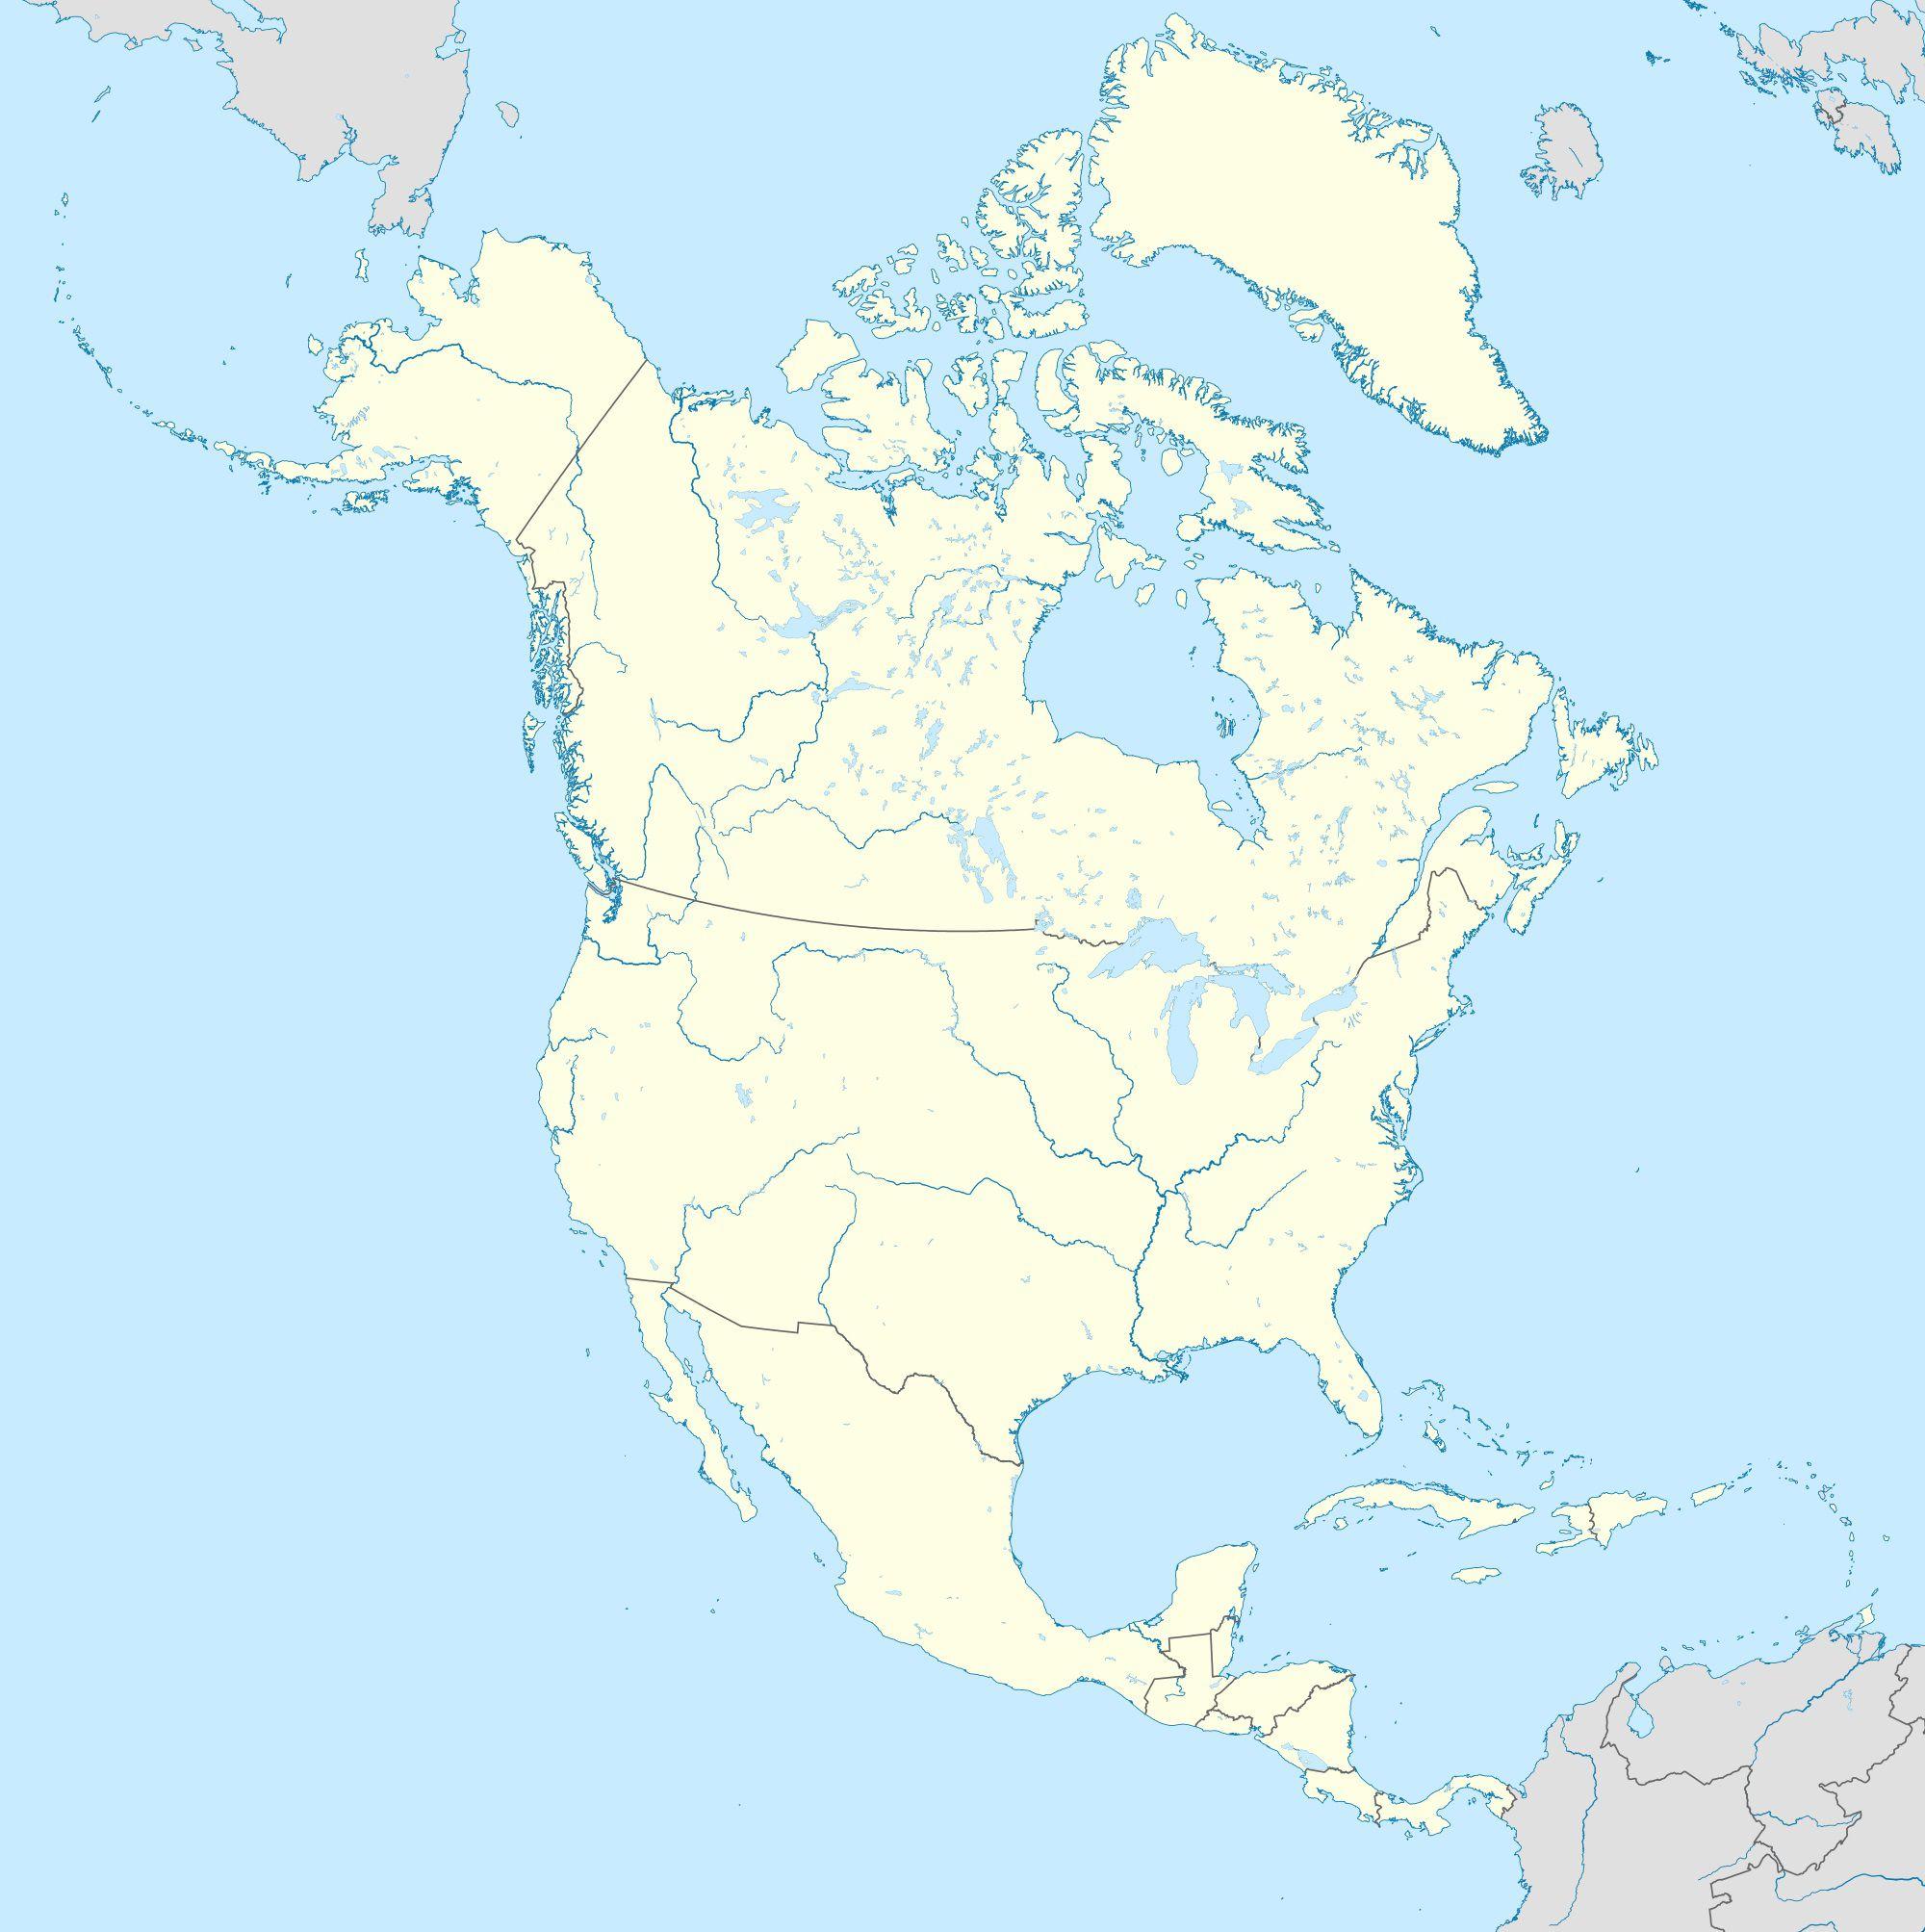 Carte de l'Amérique du Nord et Centrale vierge